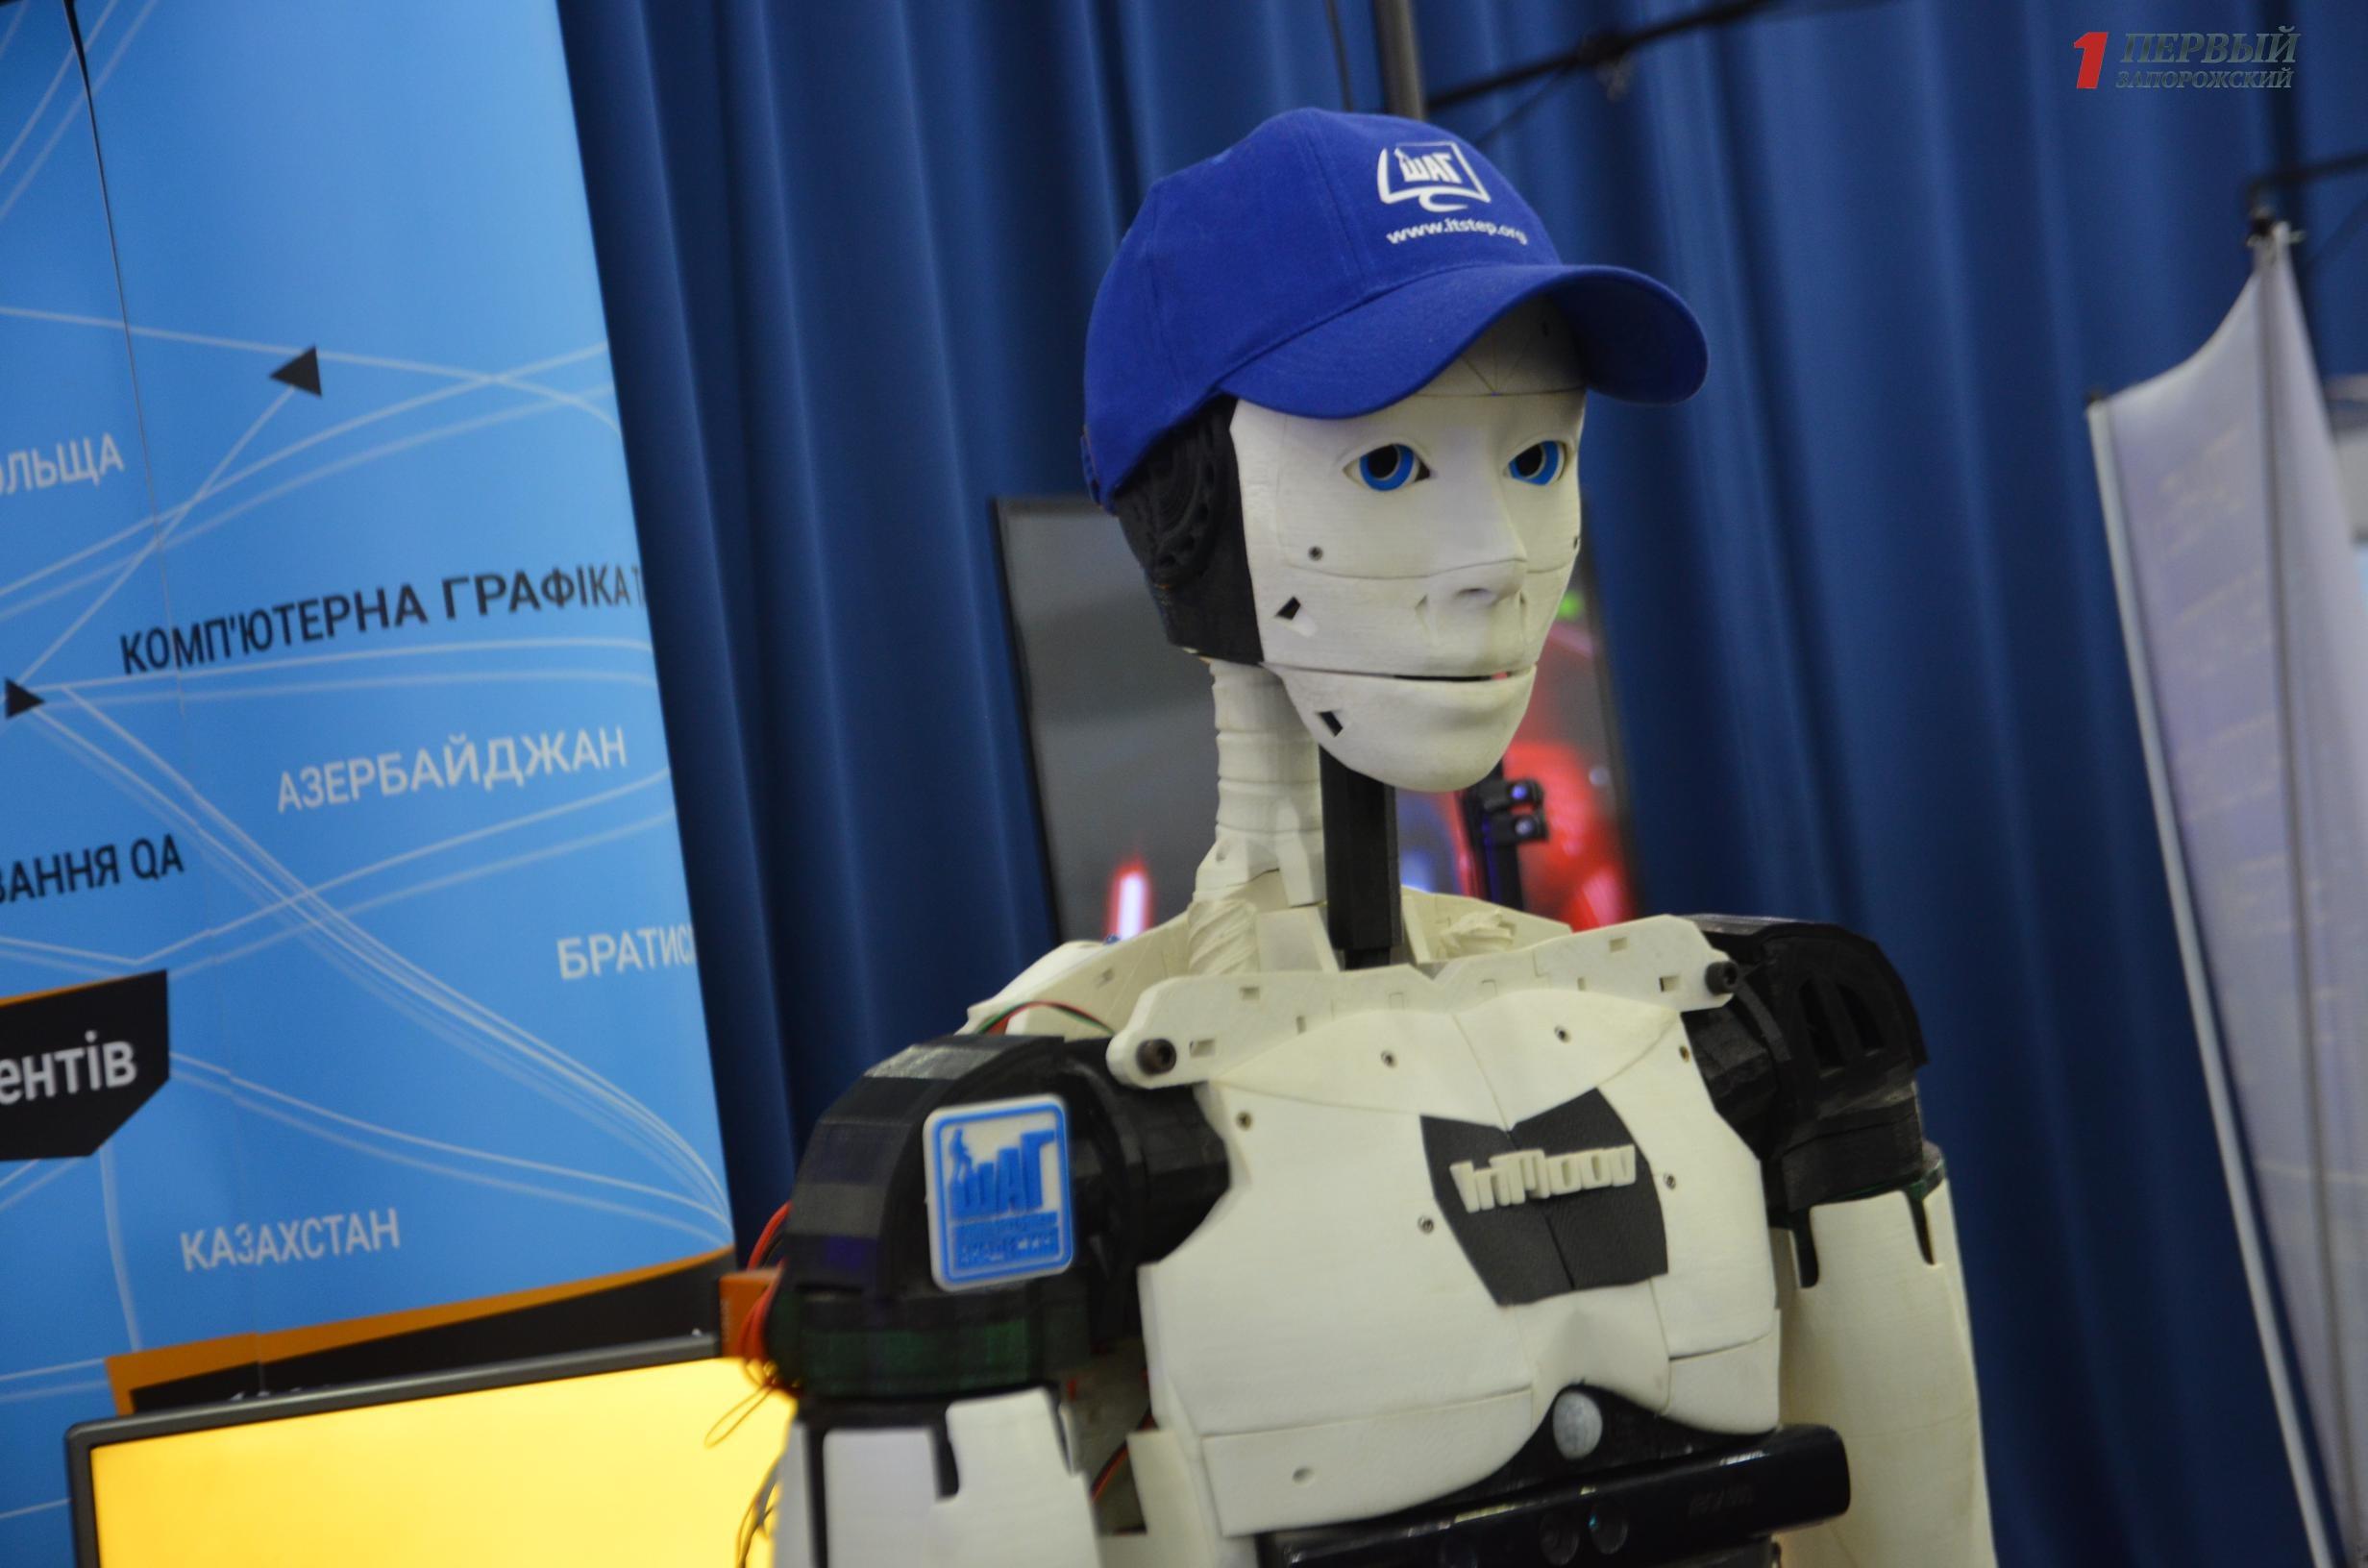 Умные дроны, роботы из «Звездных войн», новинки техники и лекции от ведущих спикеров: в Запорожье проходит международный IT-forum 2018- ФОТО, ВИДЕО